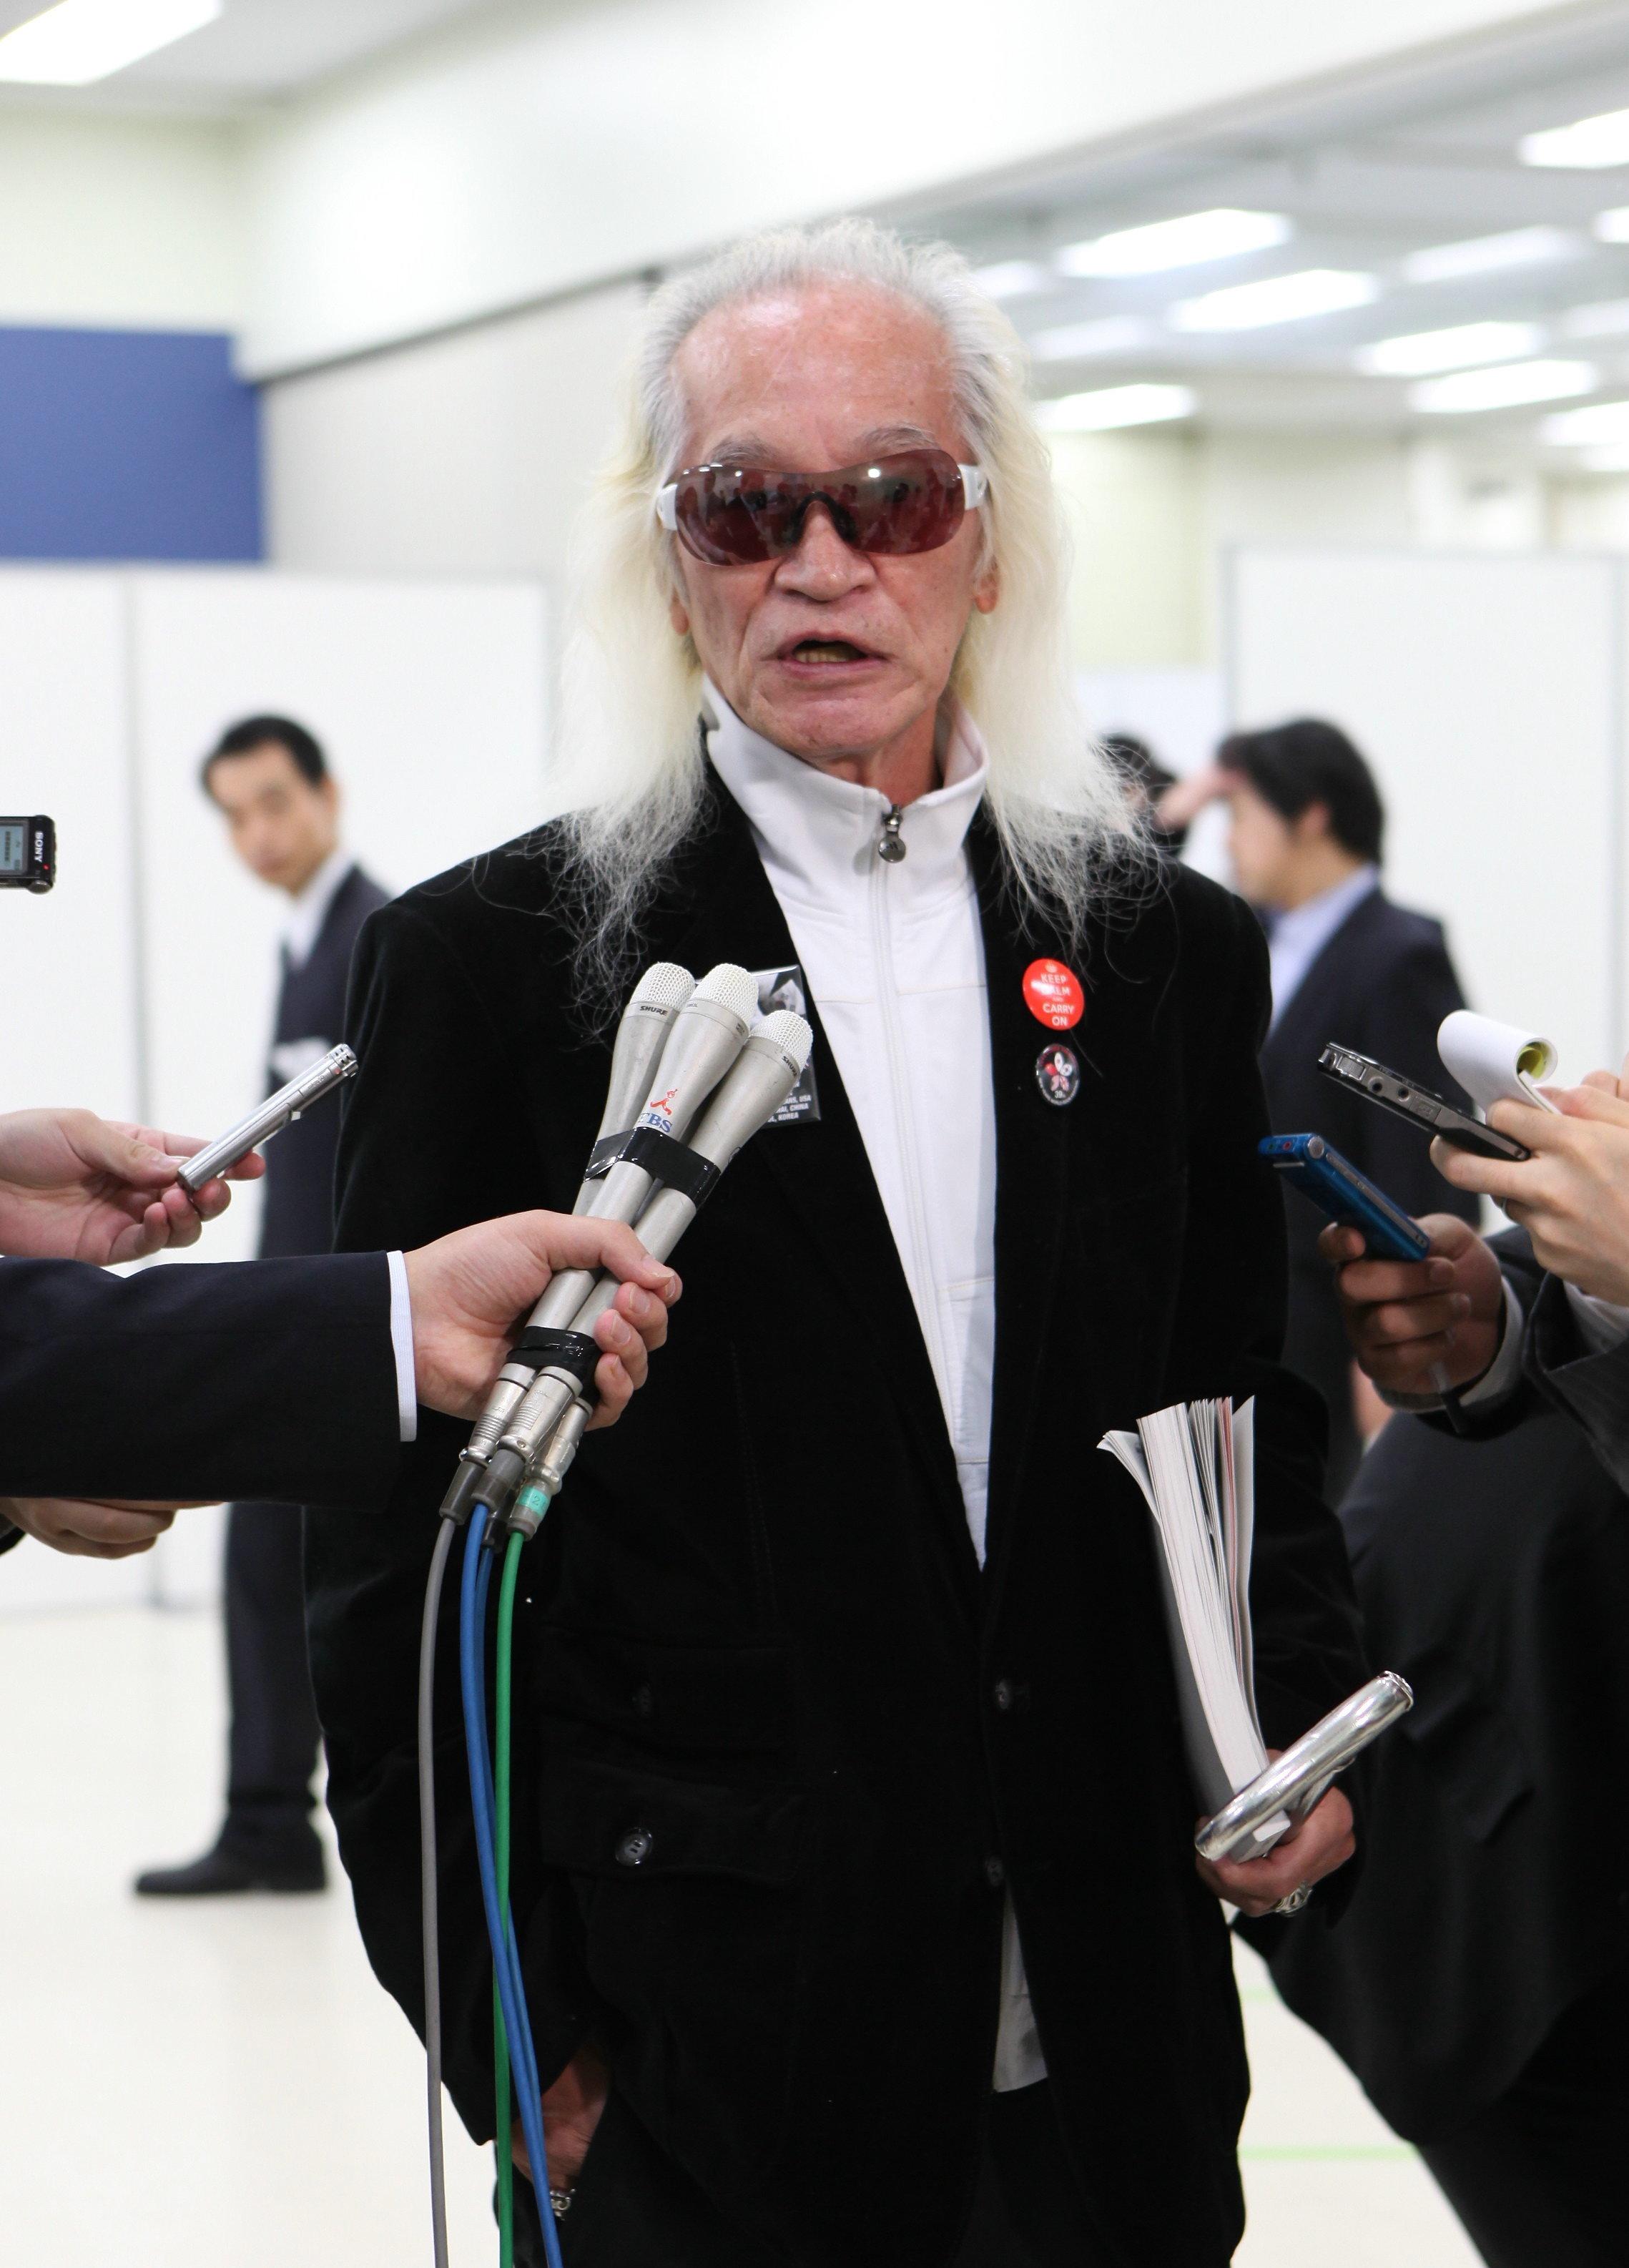 内田裕也さん死去 妻の樹木希林さんの元へ